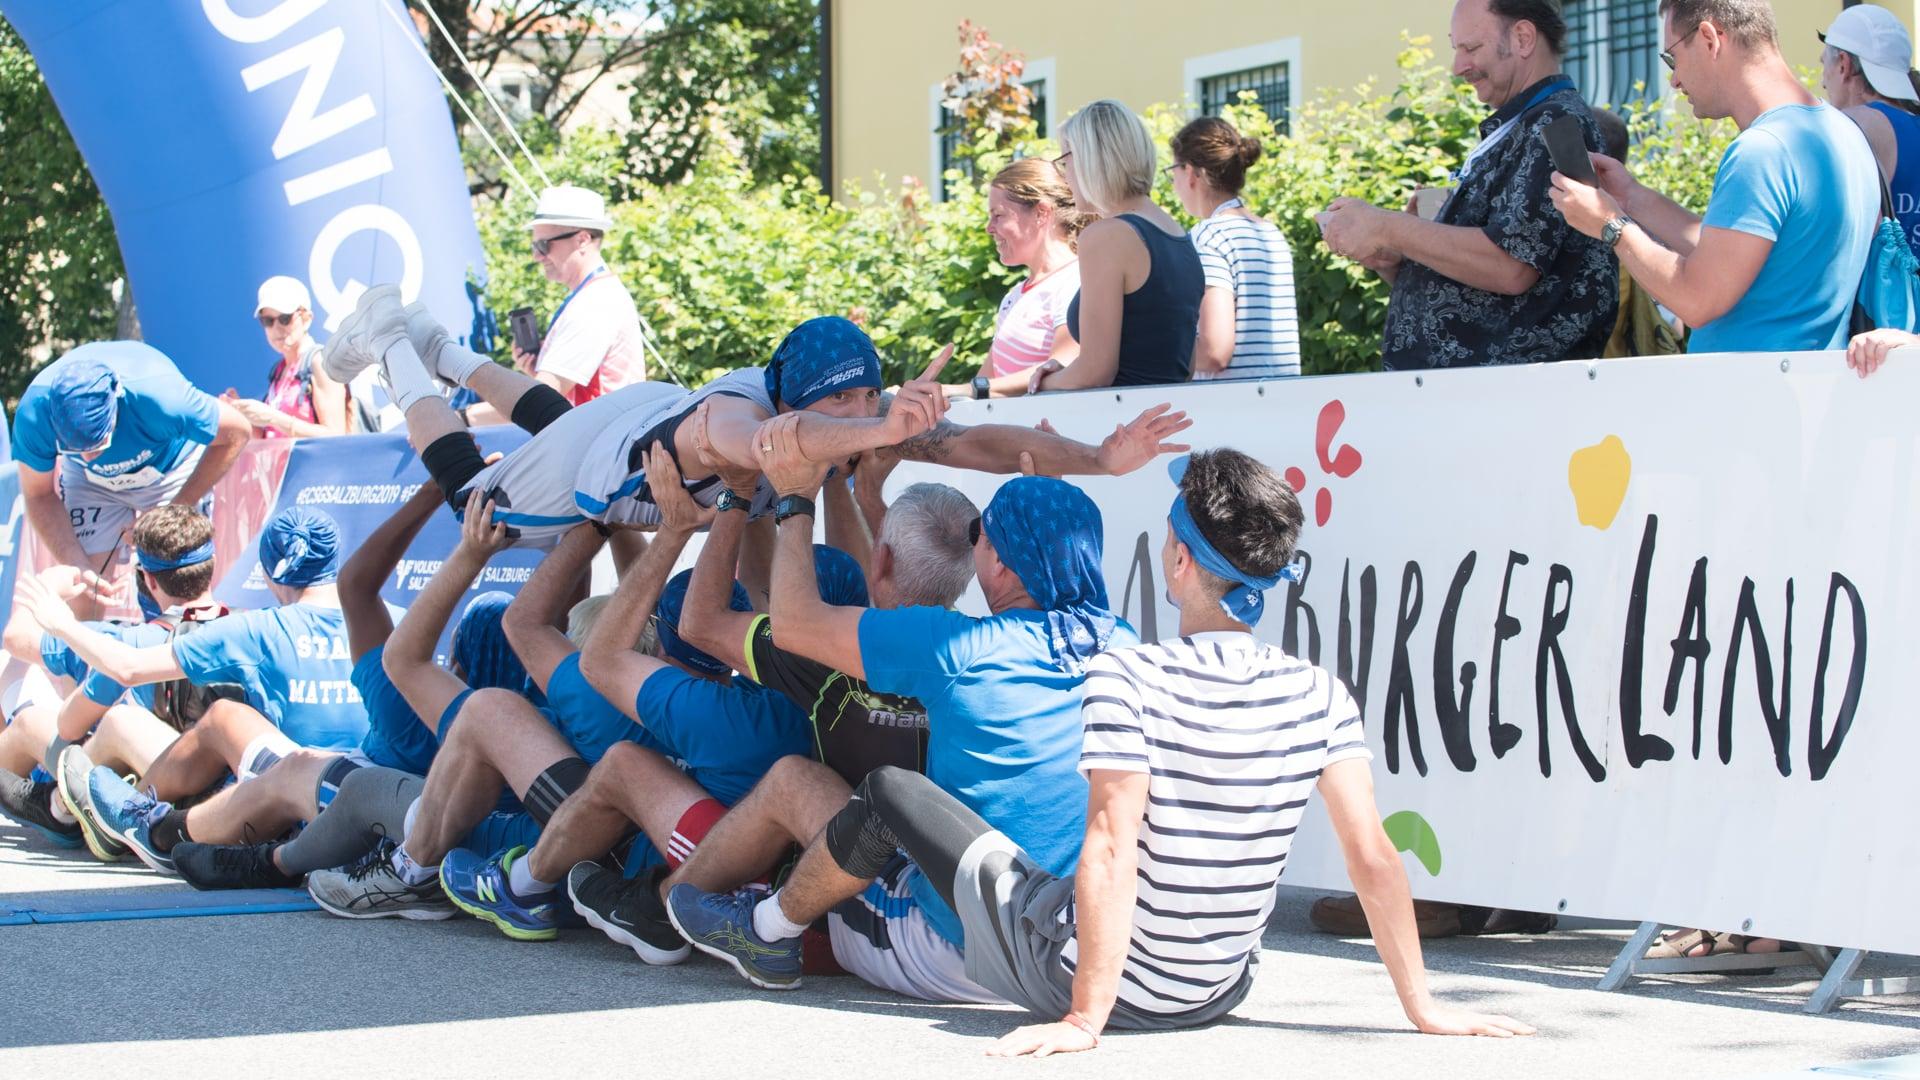 EuropäischeBetriebssportSpiele2019, Laufteam feiert Sieg im Ziel, Stagediving